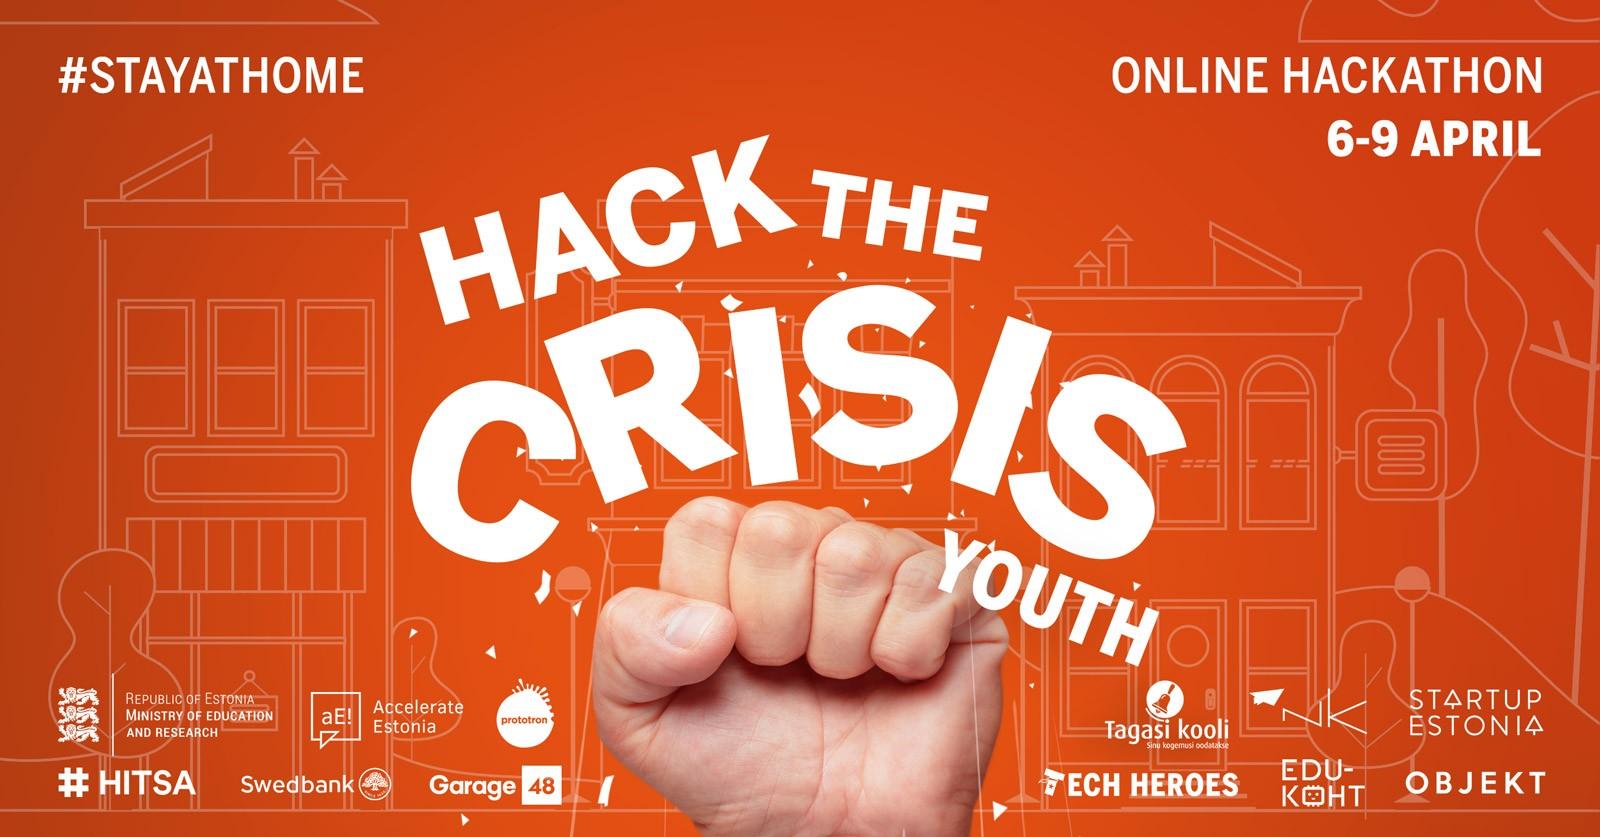 hackthecrisisv4 orng facebook